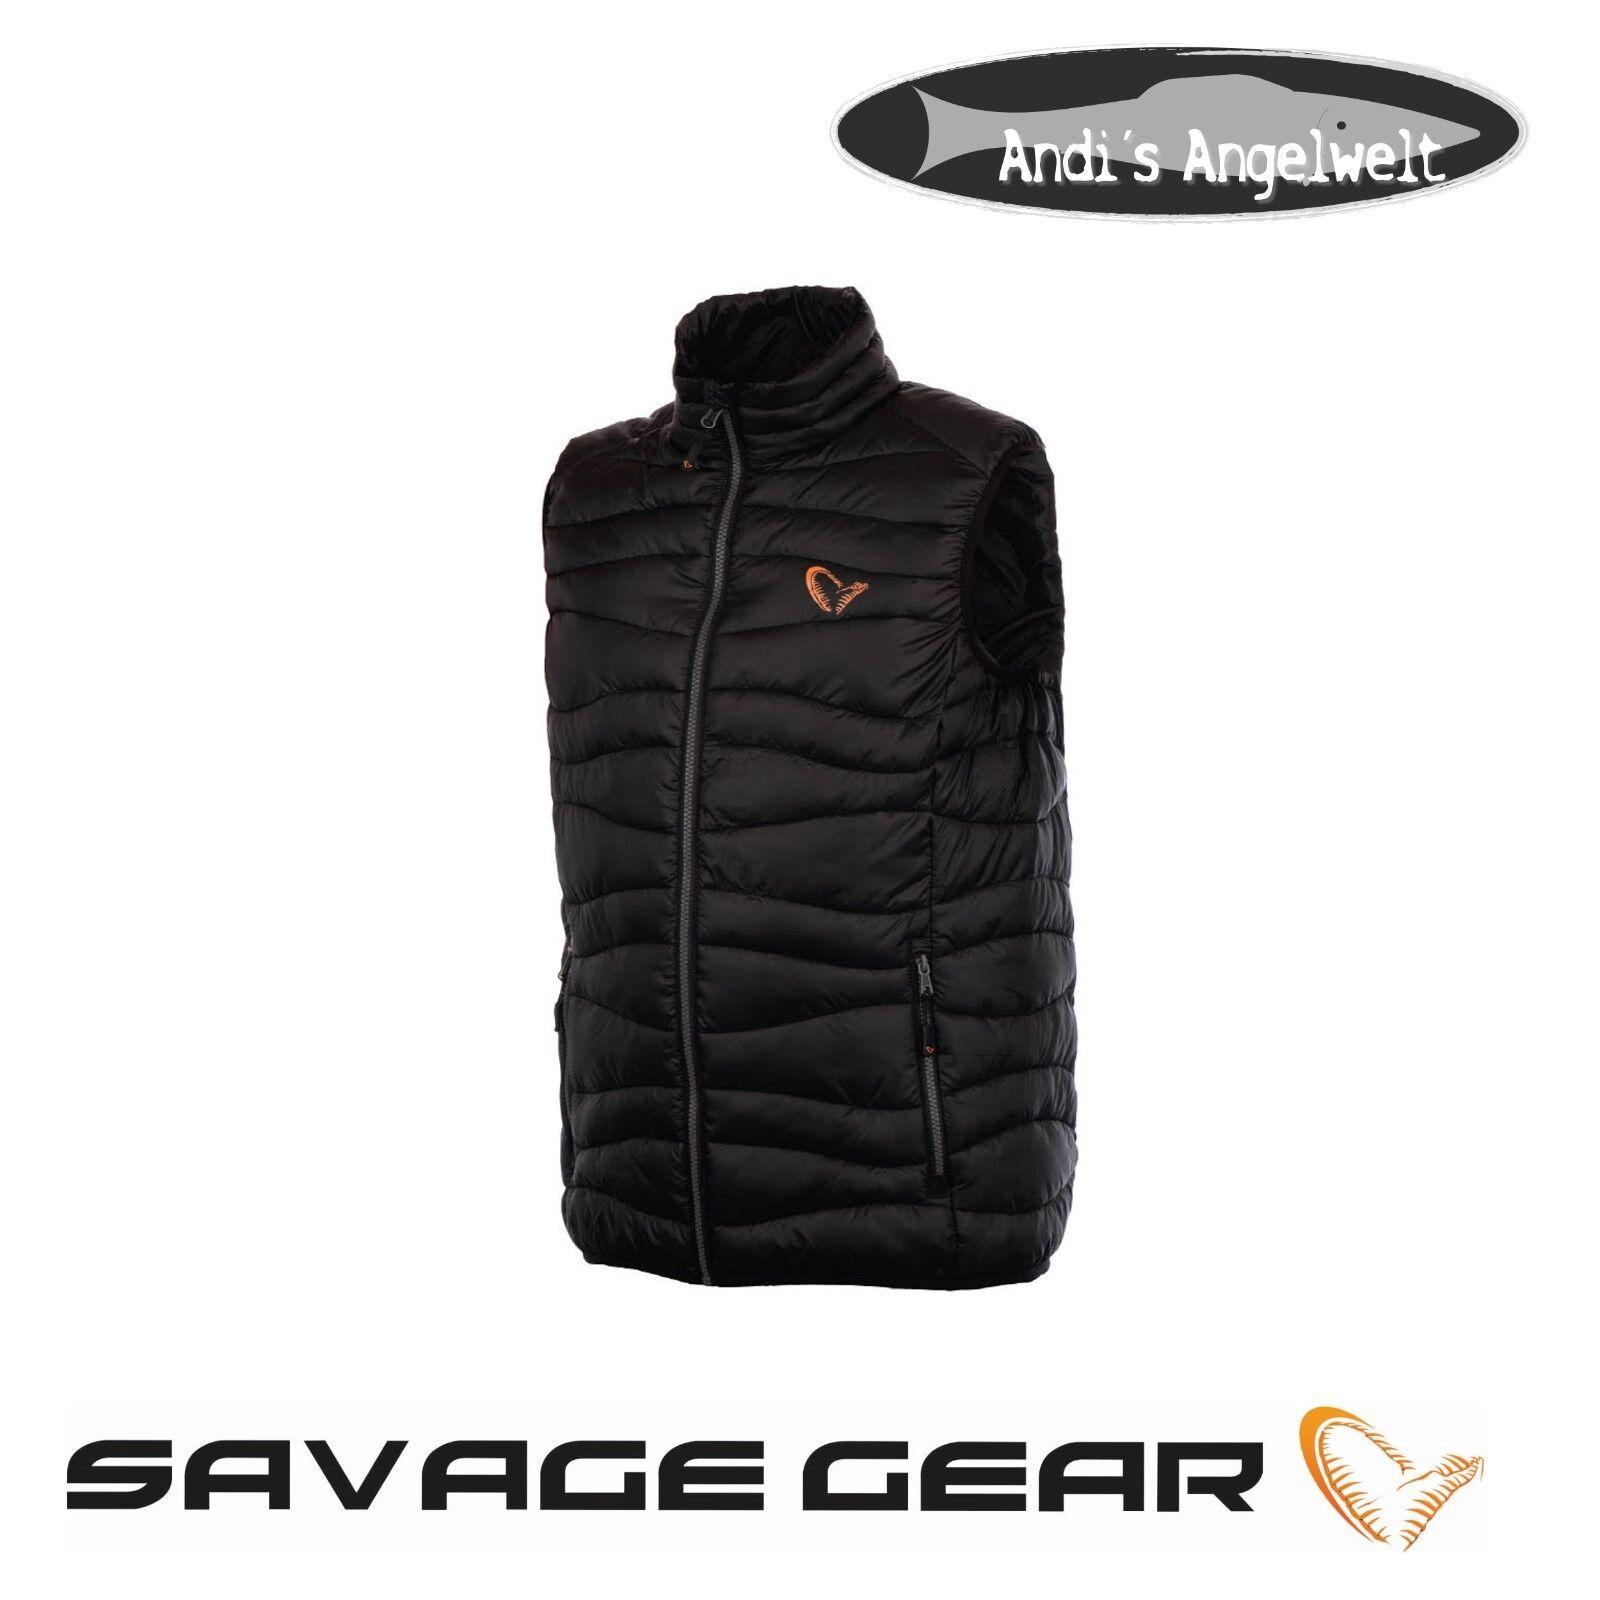 Savage Gear Lite Vest -  super leggero Pescatore GILET  - diverse dimensioni-NUOVO